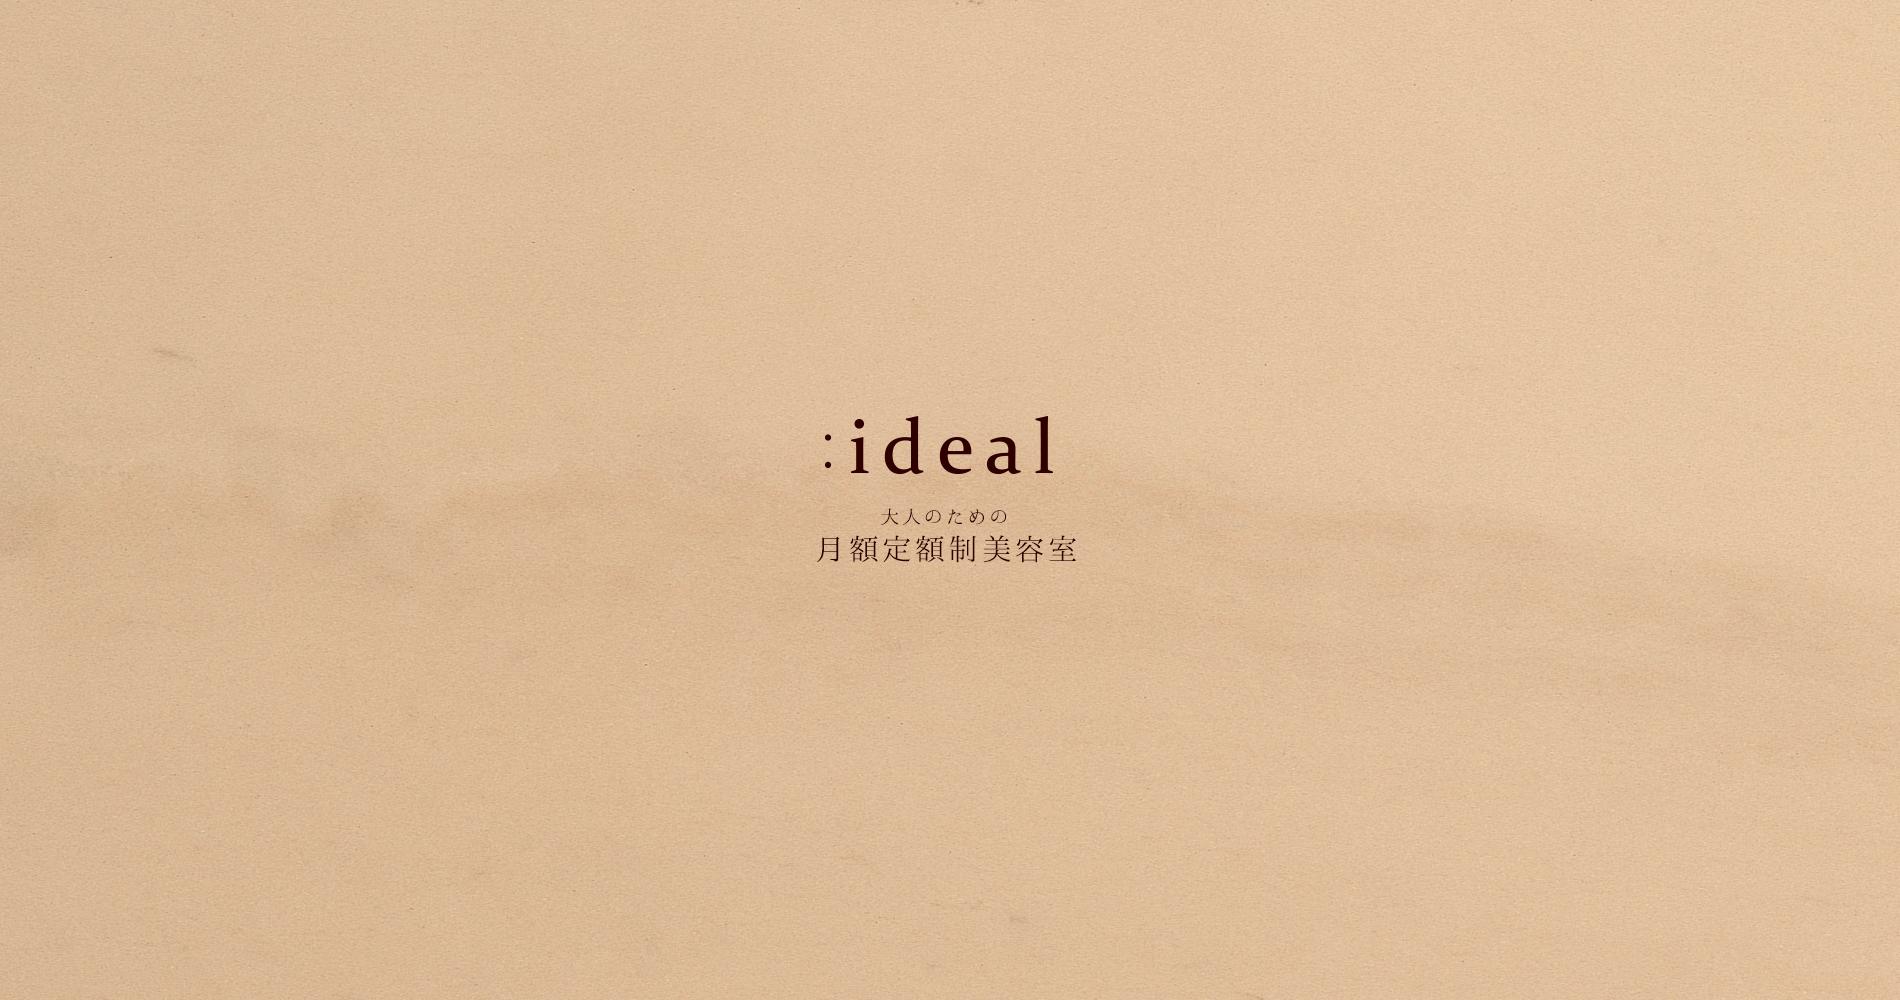 本町 ideal 月額定額制美容室 アイディール